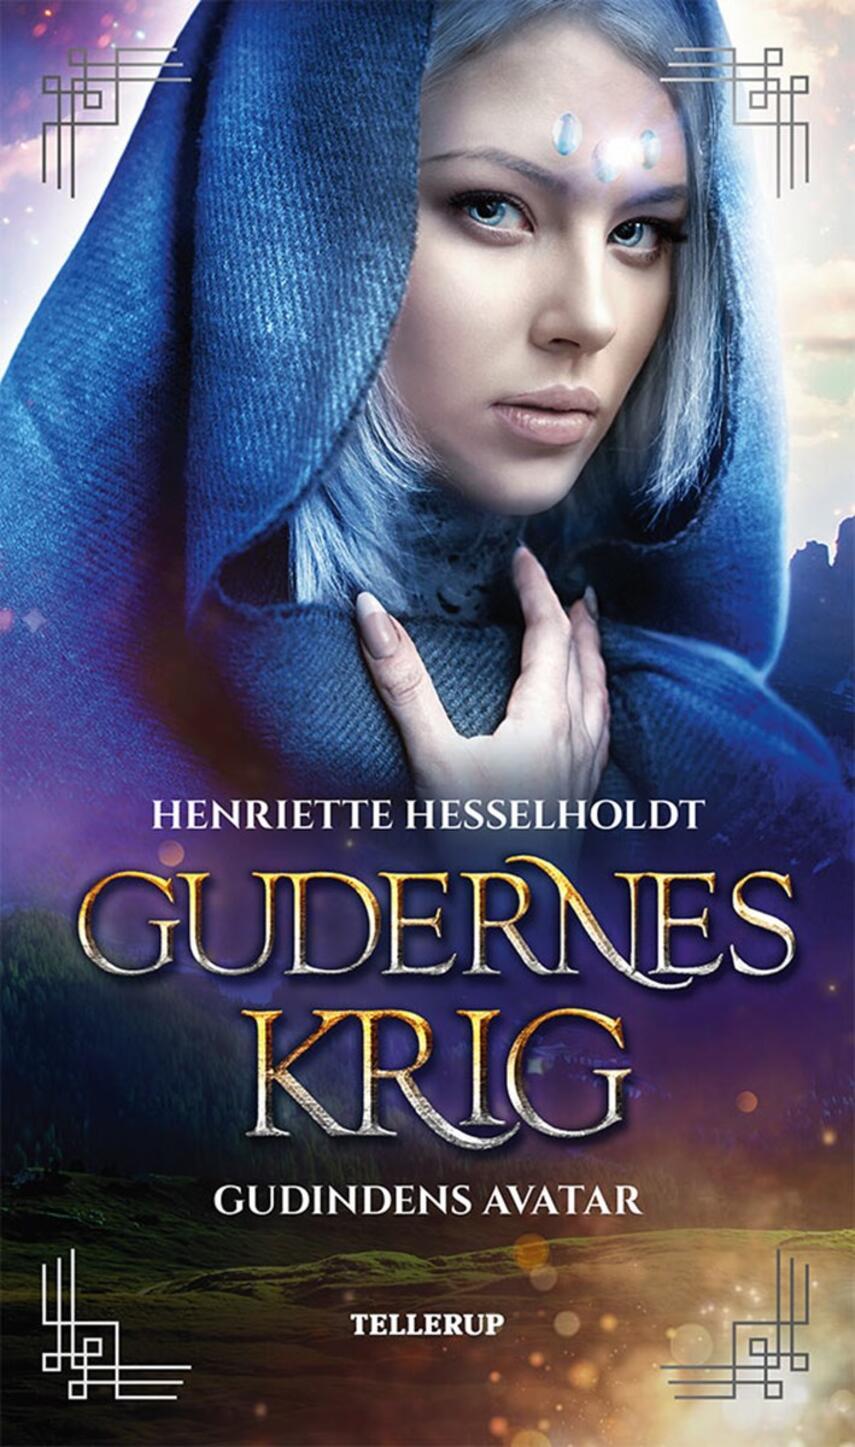 Henriette Hesselholdt: Gudernes krig - gudindens avatar